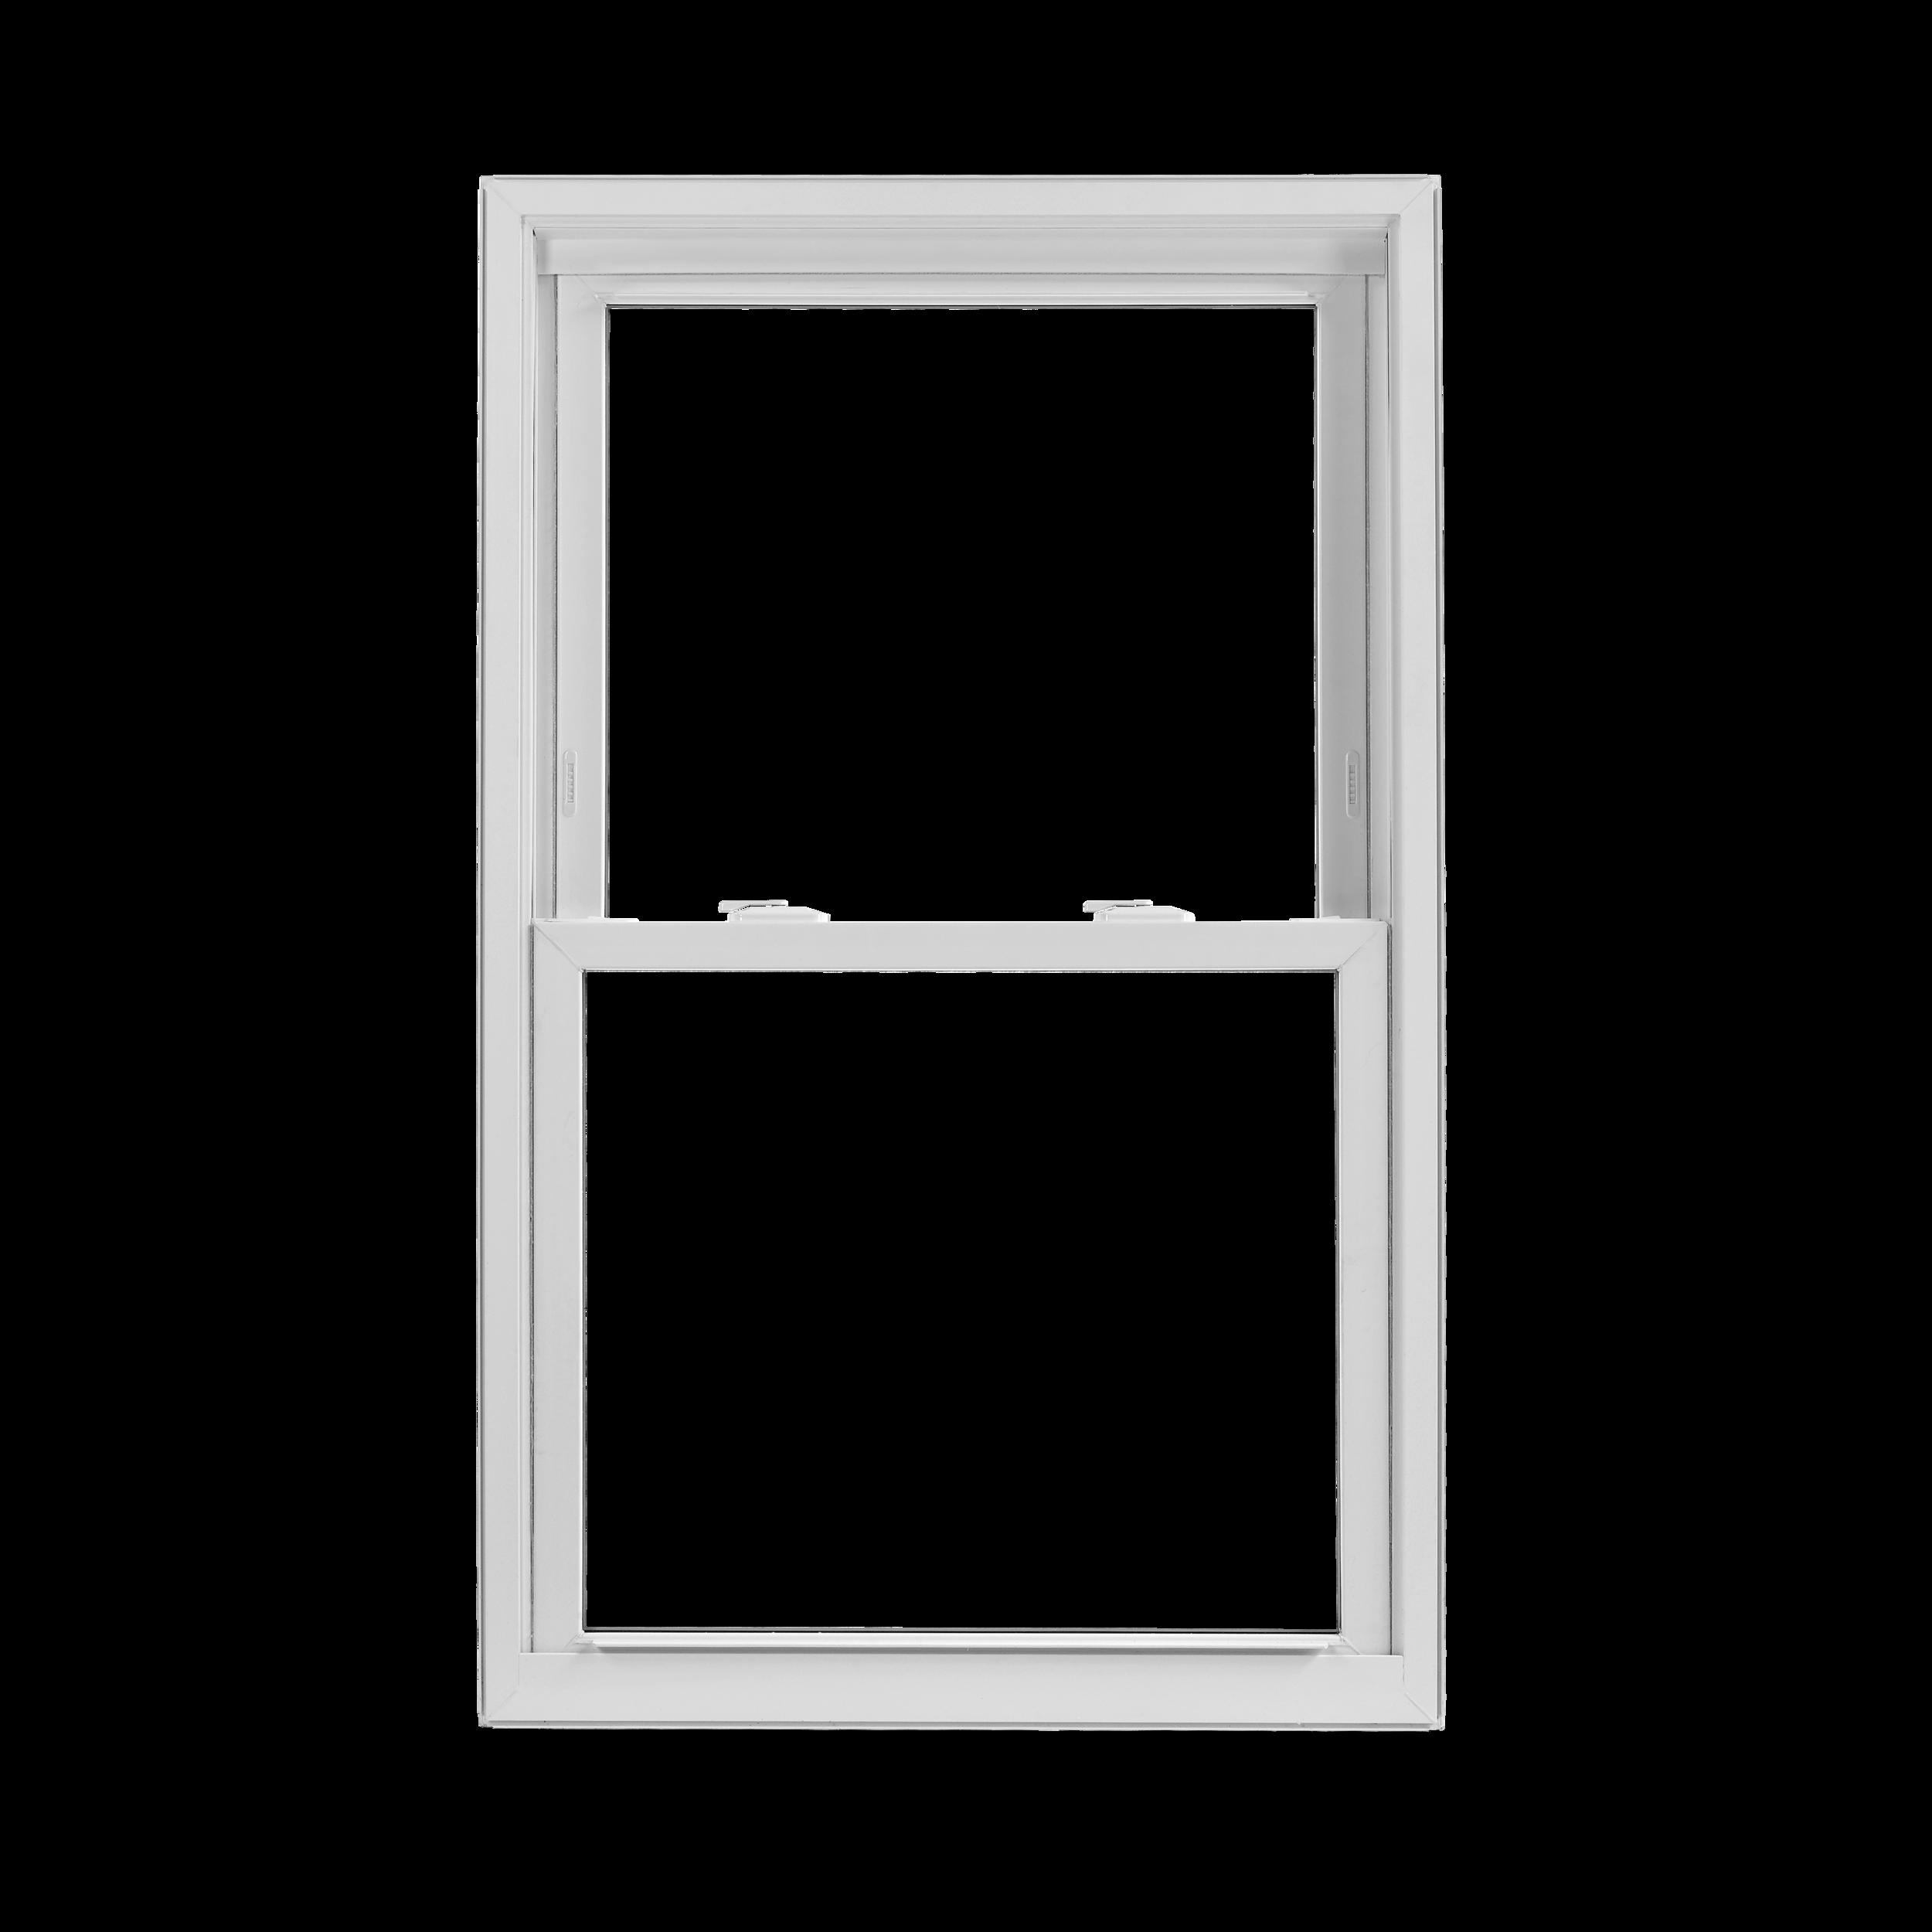 Wallside Windows Double Hung Window